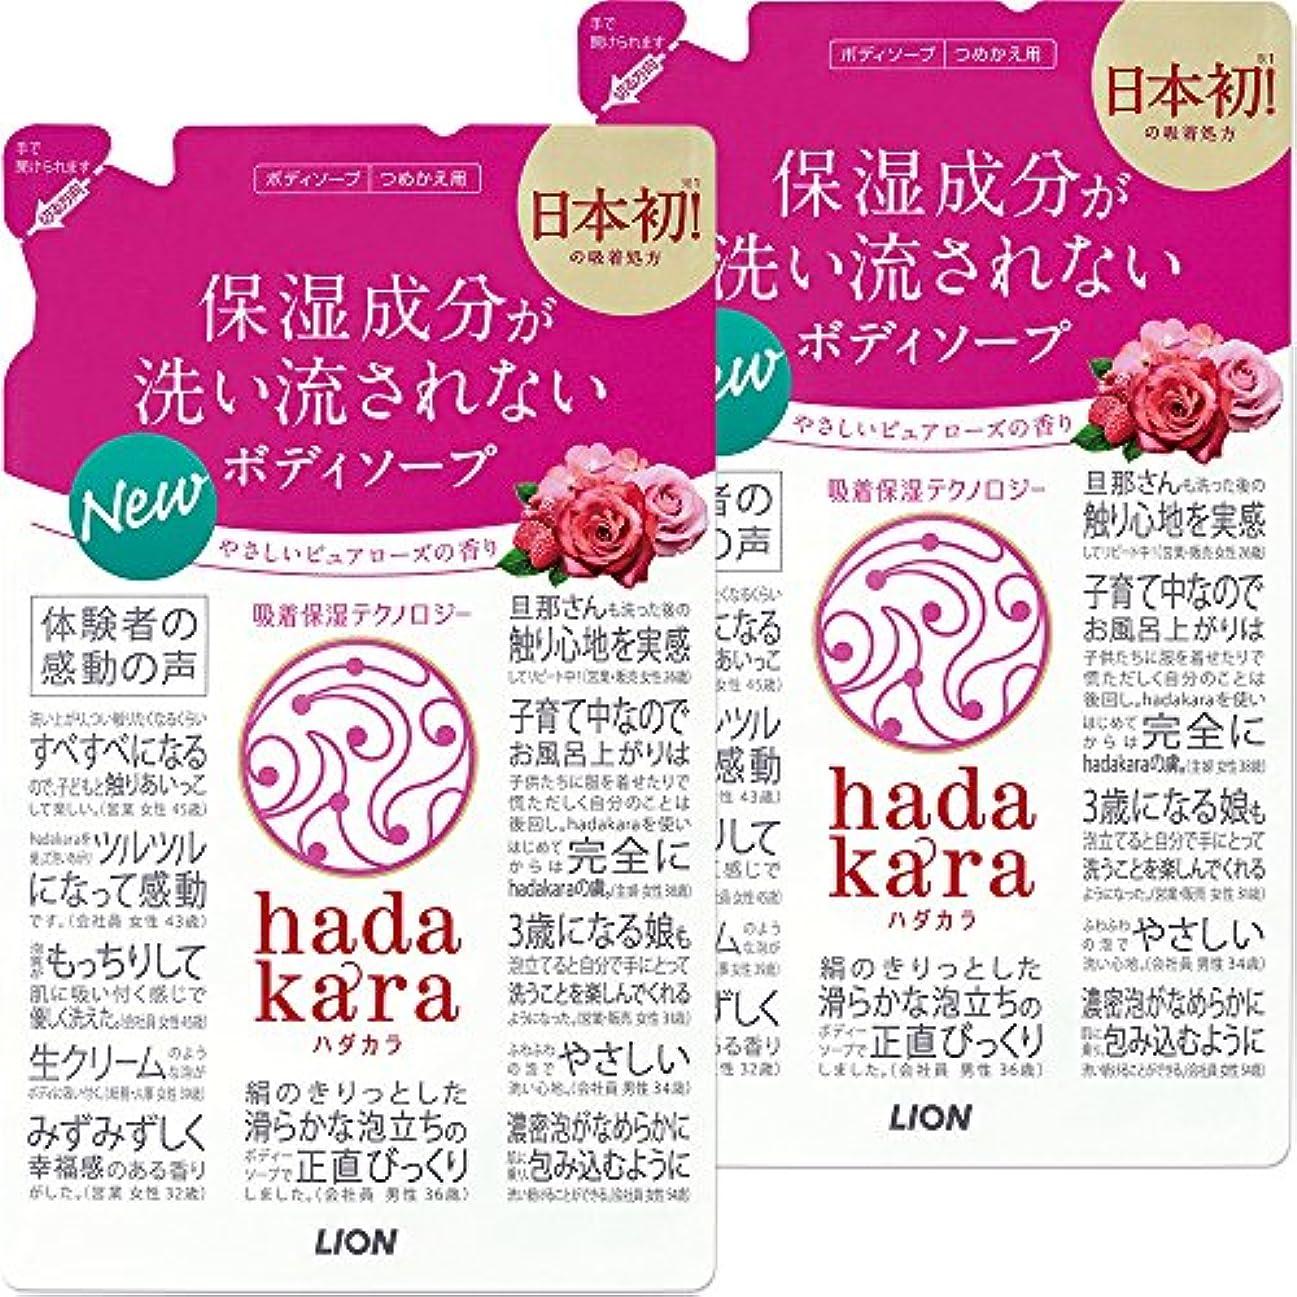 ロンドンセラフ目覚める【まとめ買い】hadakara(ハダカラ) ボディソープ ピュアローズの香り 詰め替え 360ml×2個パック